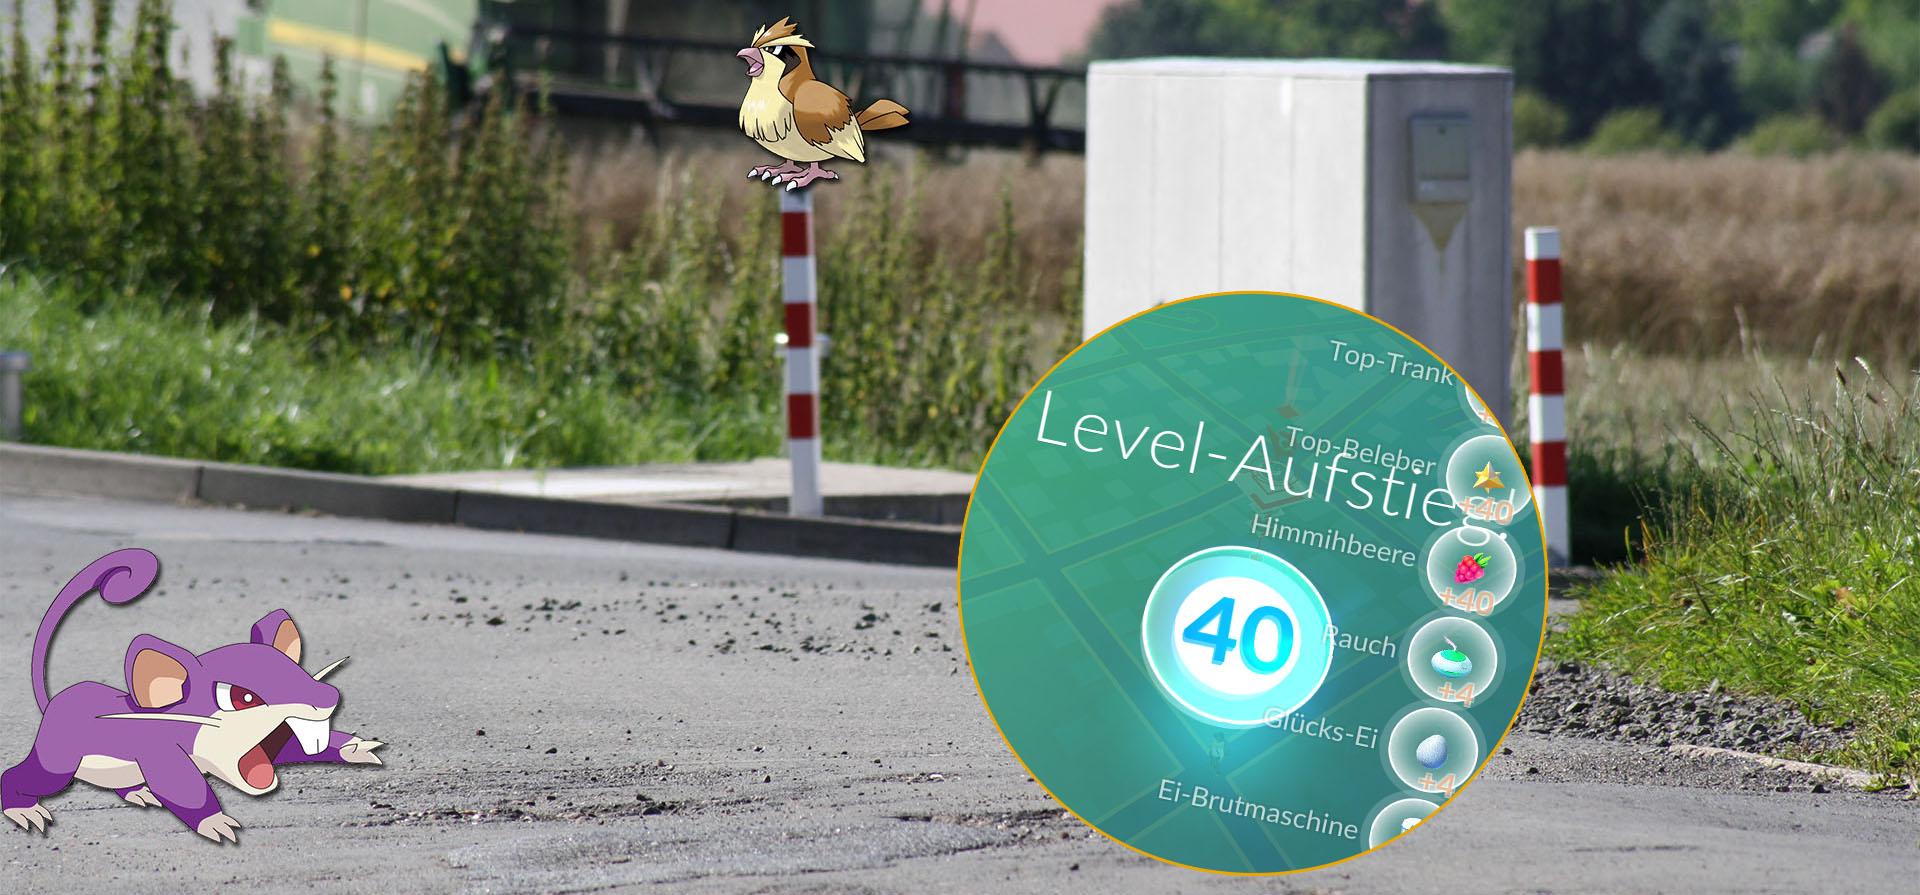 Pokémon GO: Erster Spieler erreicht Max-Level 40 – Allerdings mit Cheats